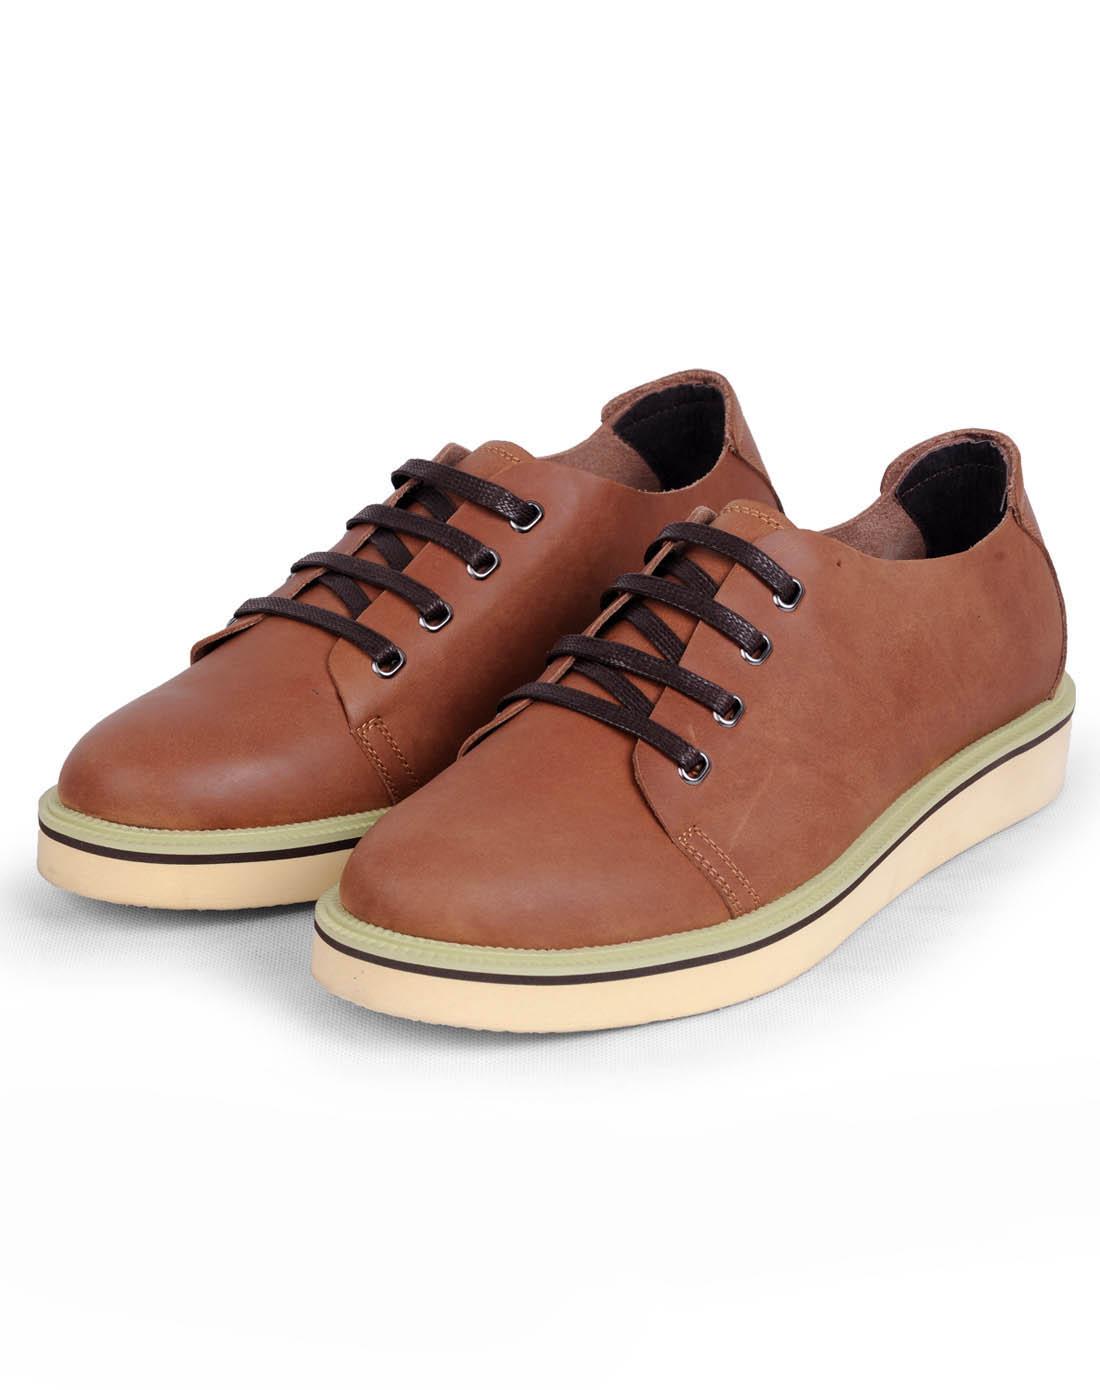 单个鞋子小图标素材